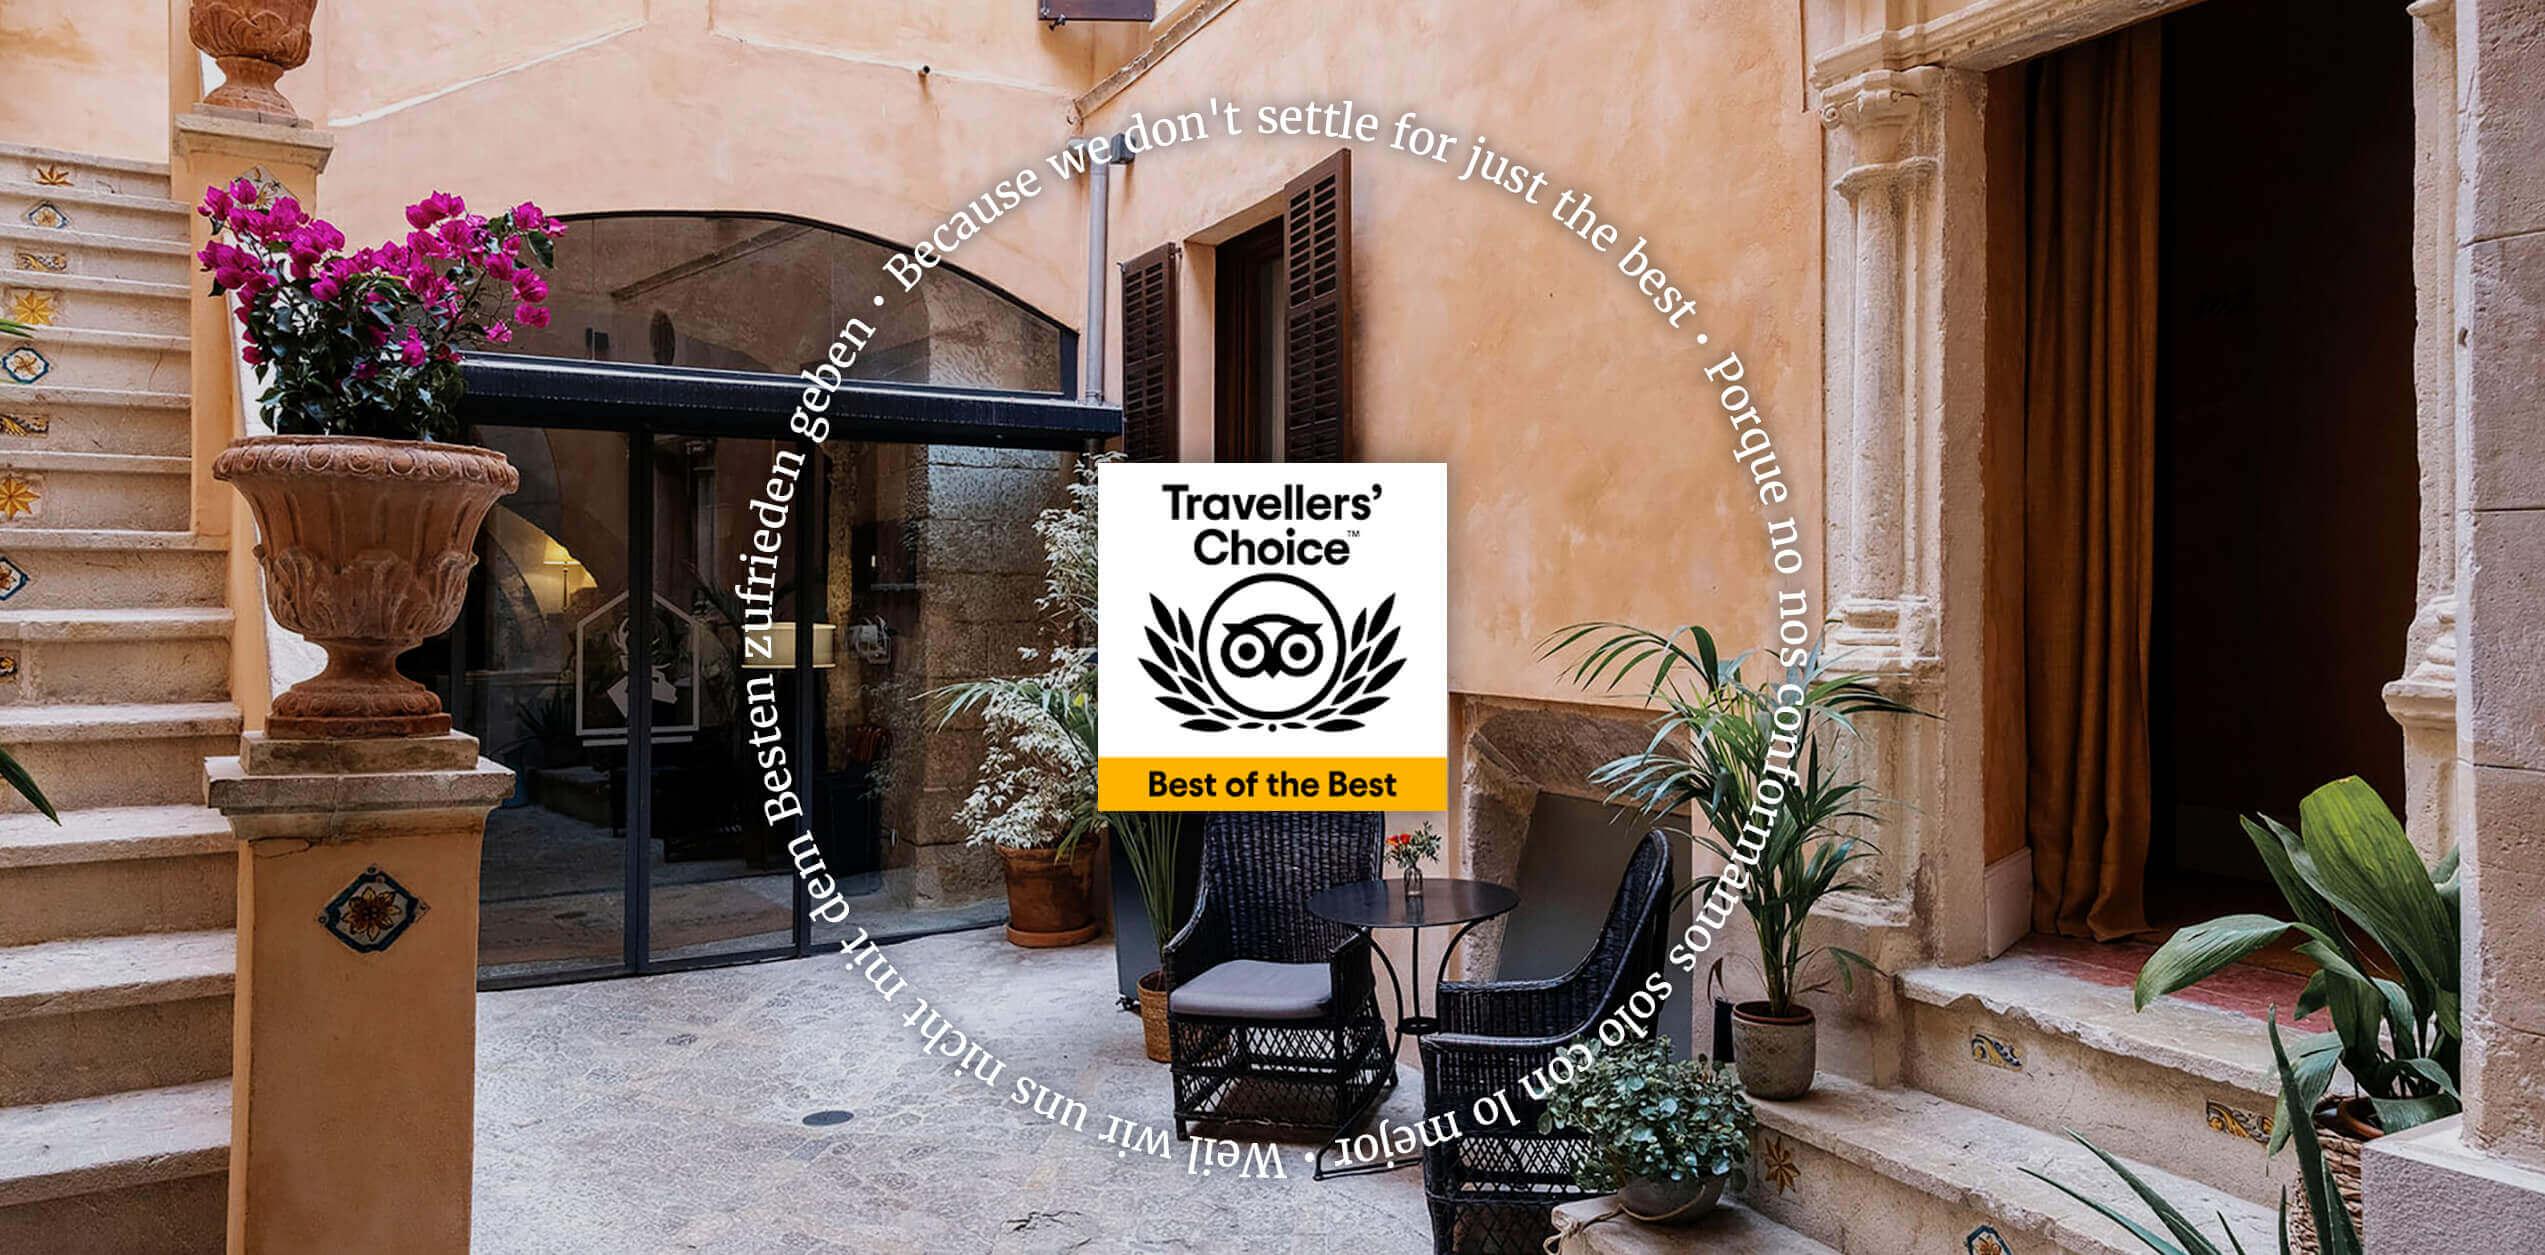 Posada-Terra-Santa-Travellers-Choice-Tripadvisor